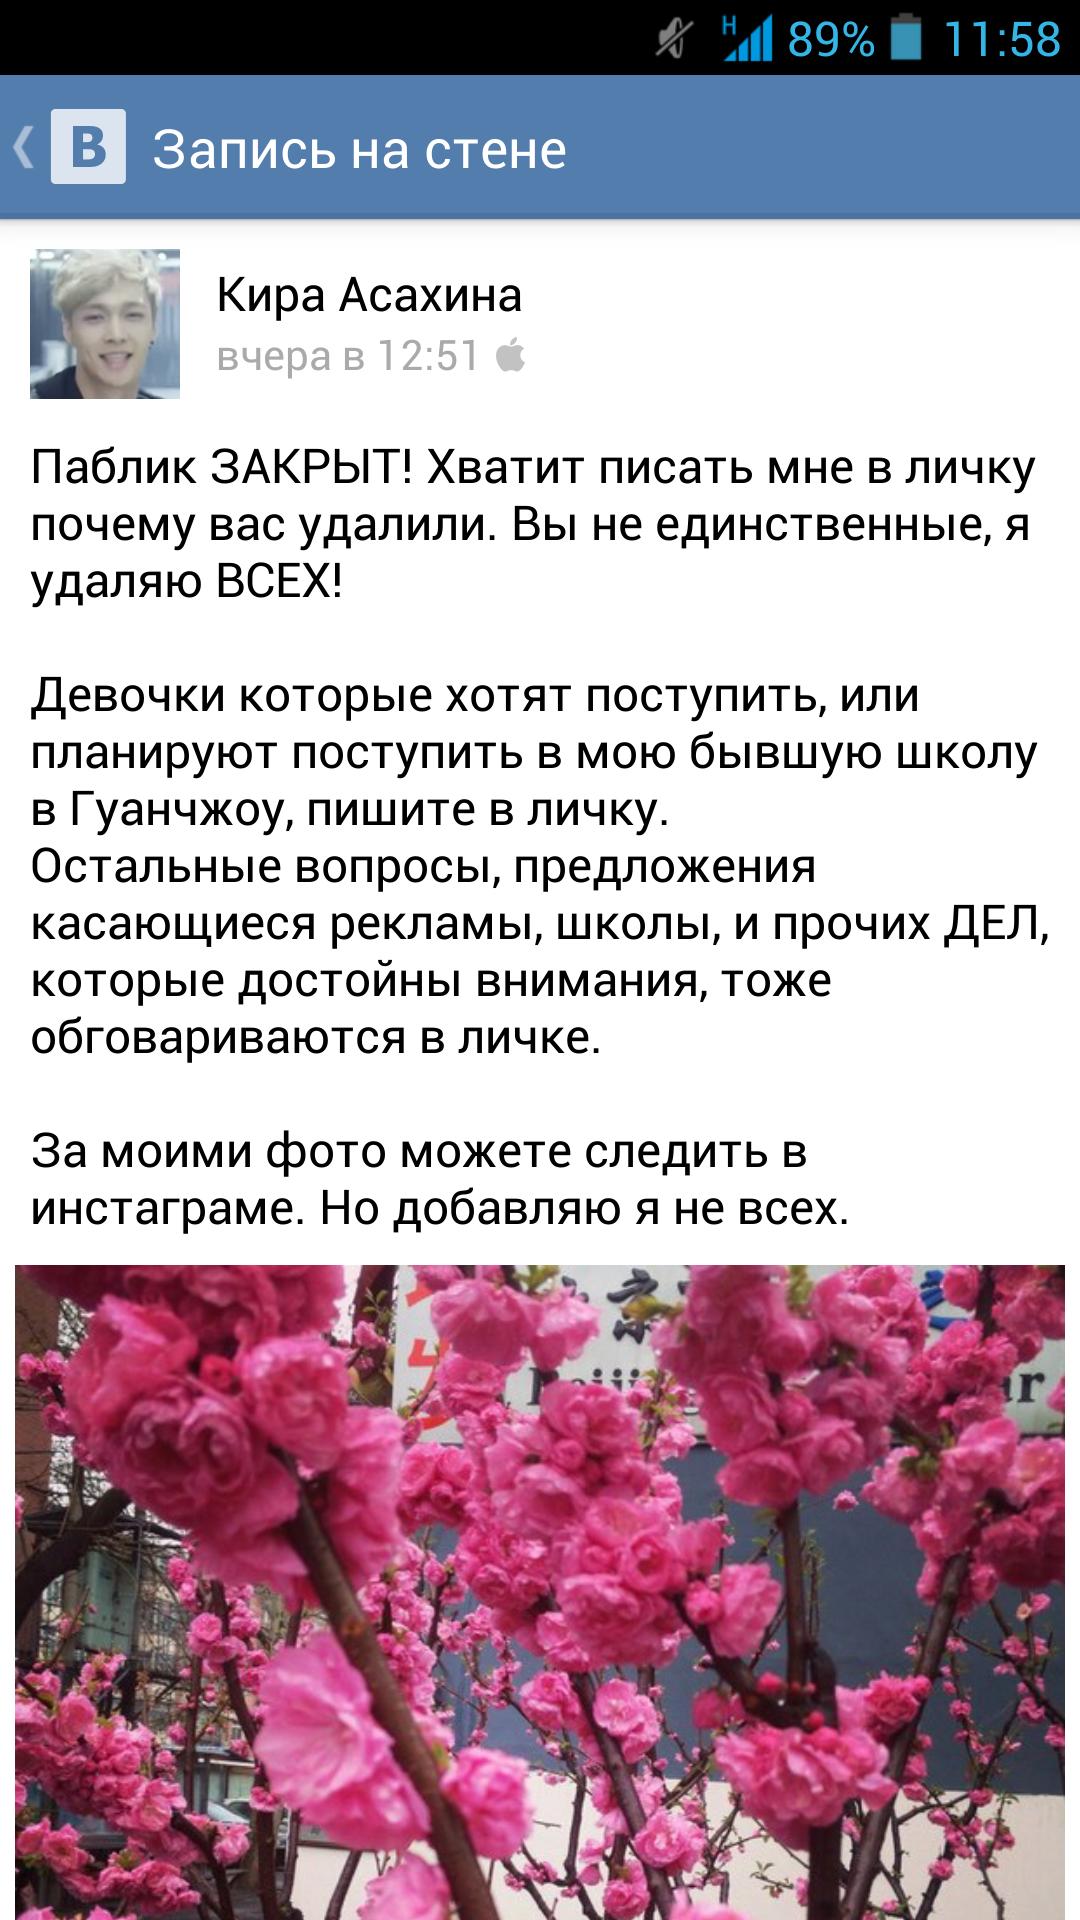 http://s1.uploads.ru/lqDer.png